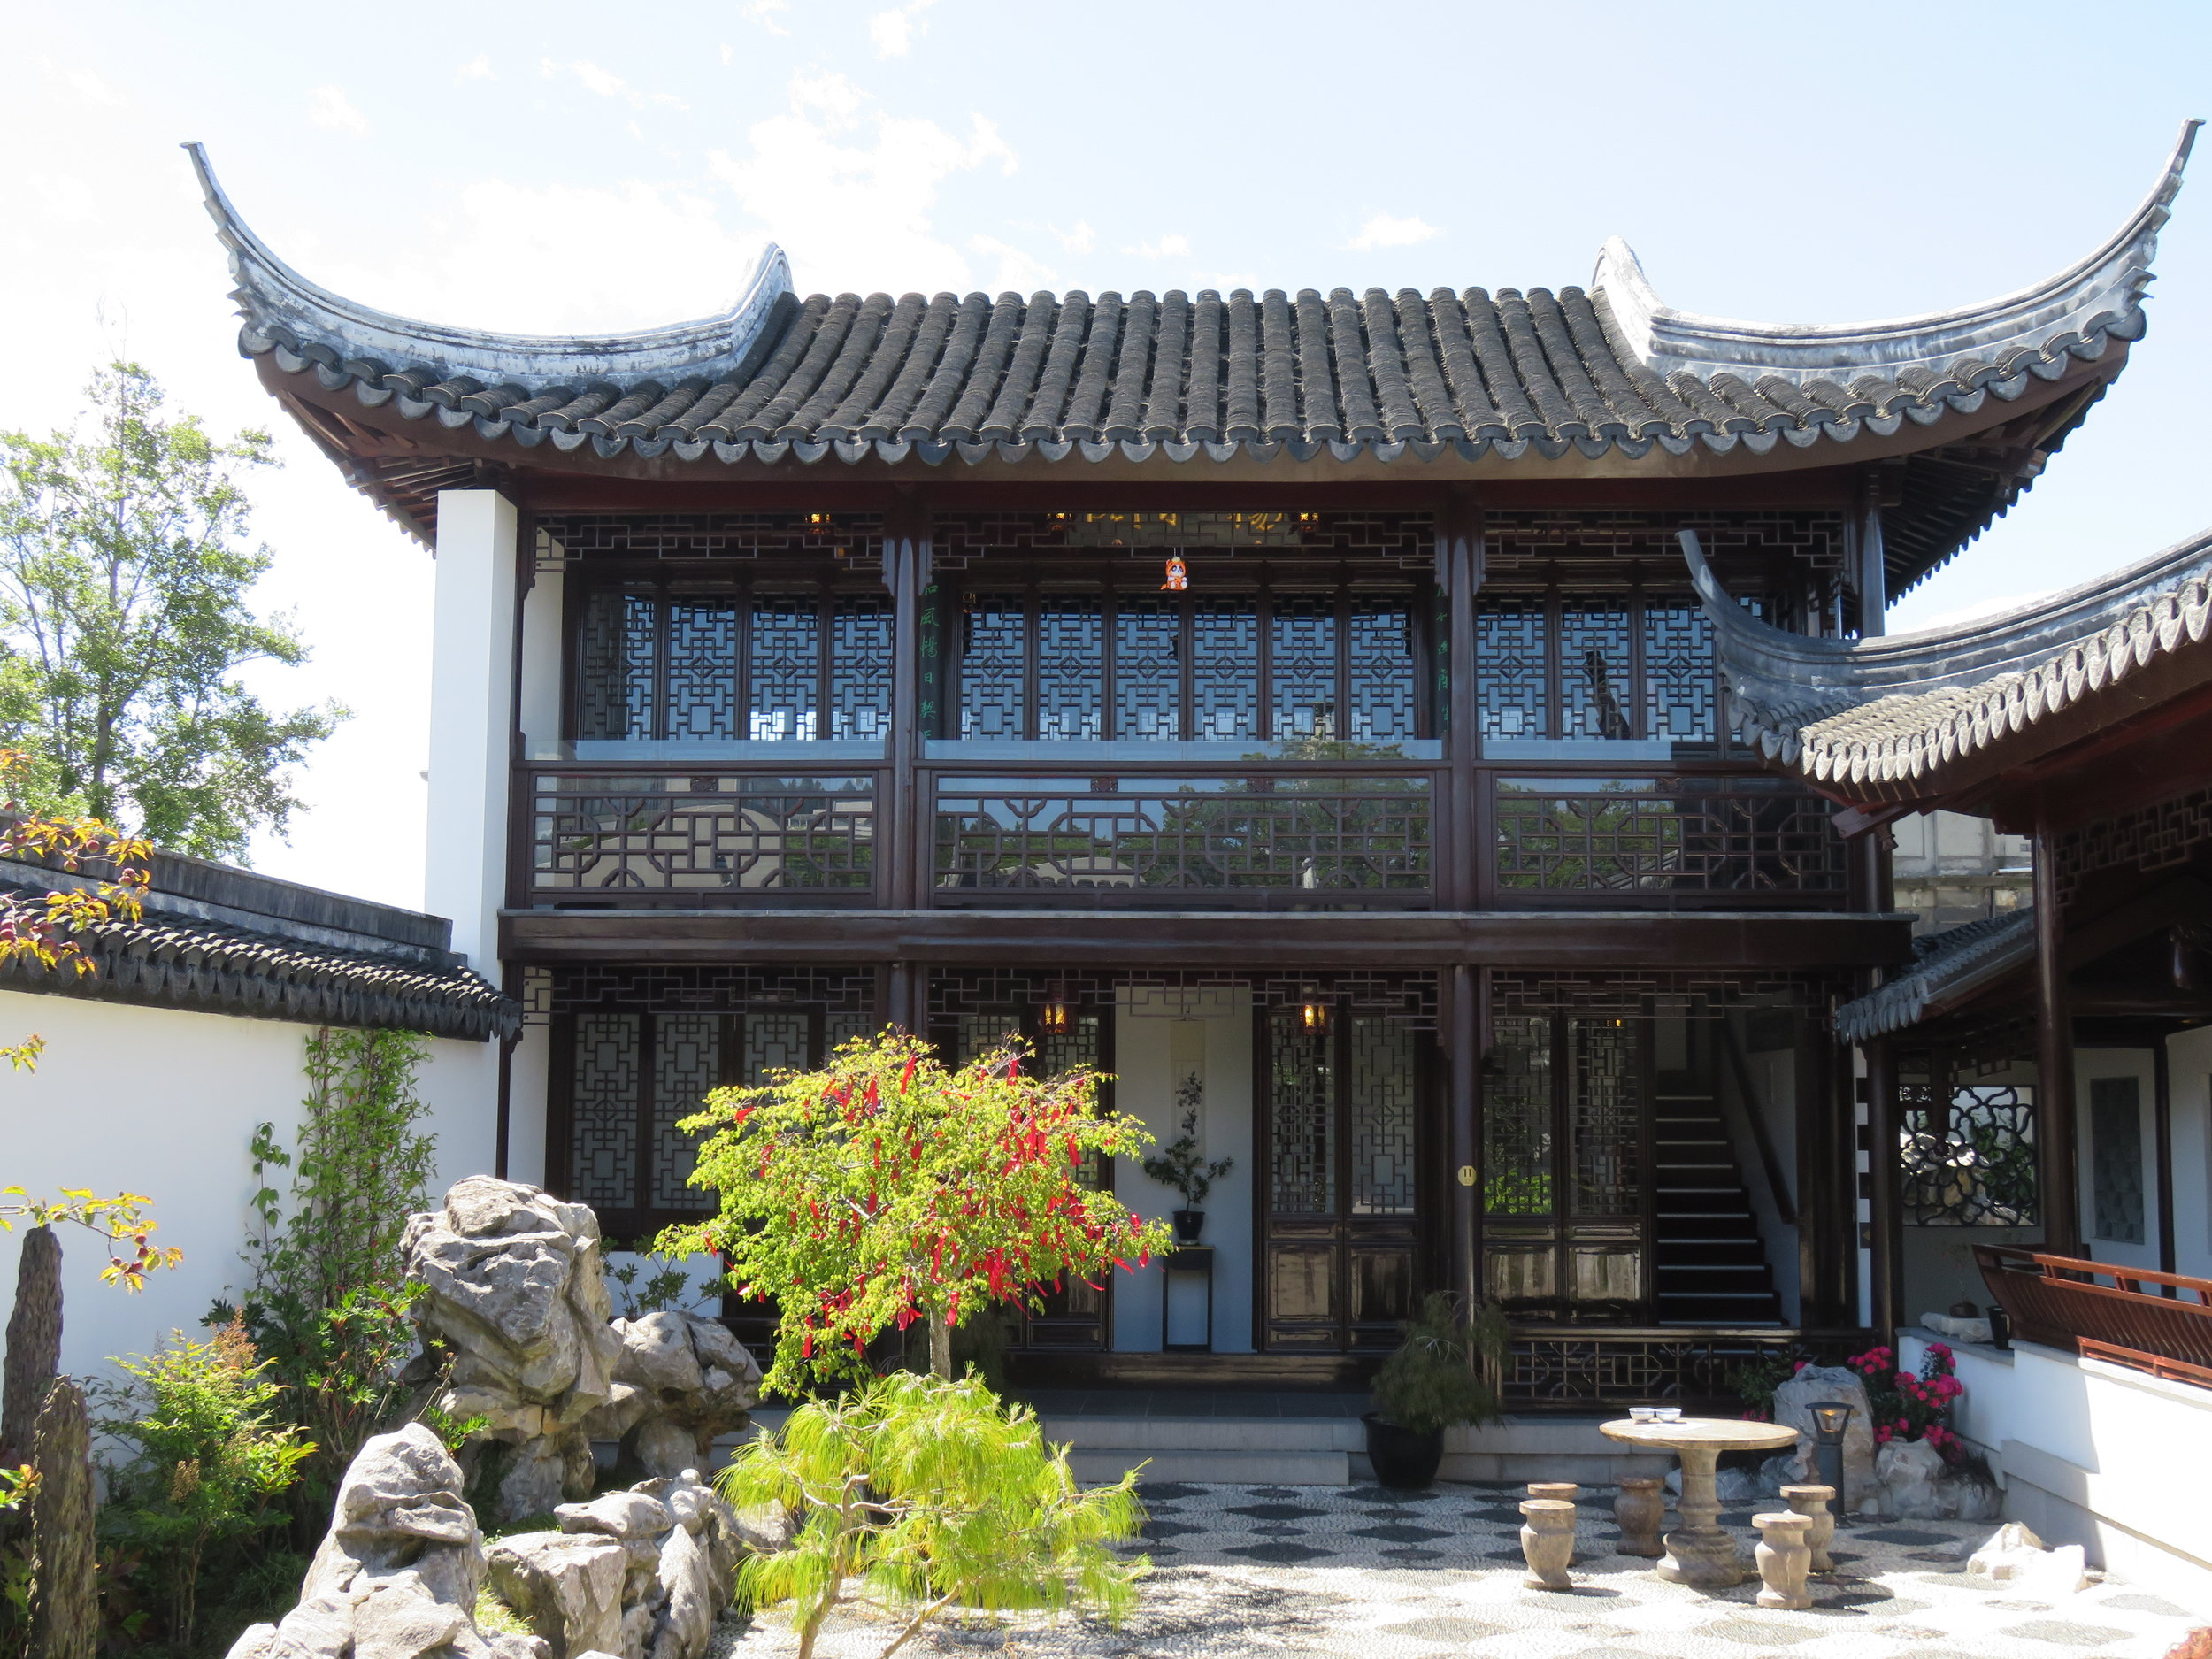 dunedin-chinese-garden-dunedin-chinese-garden-new-1.JPG